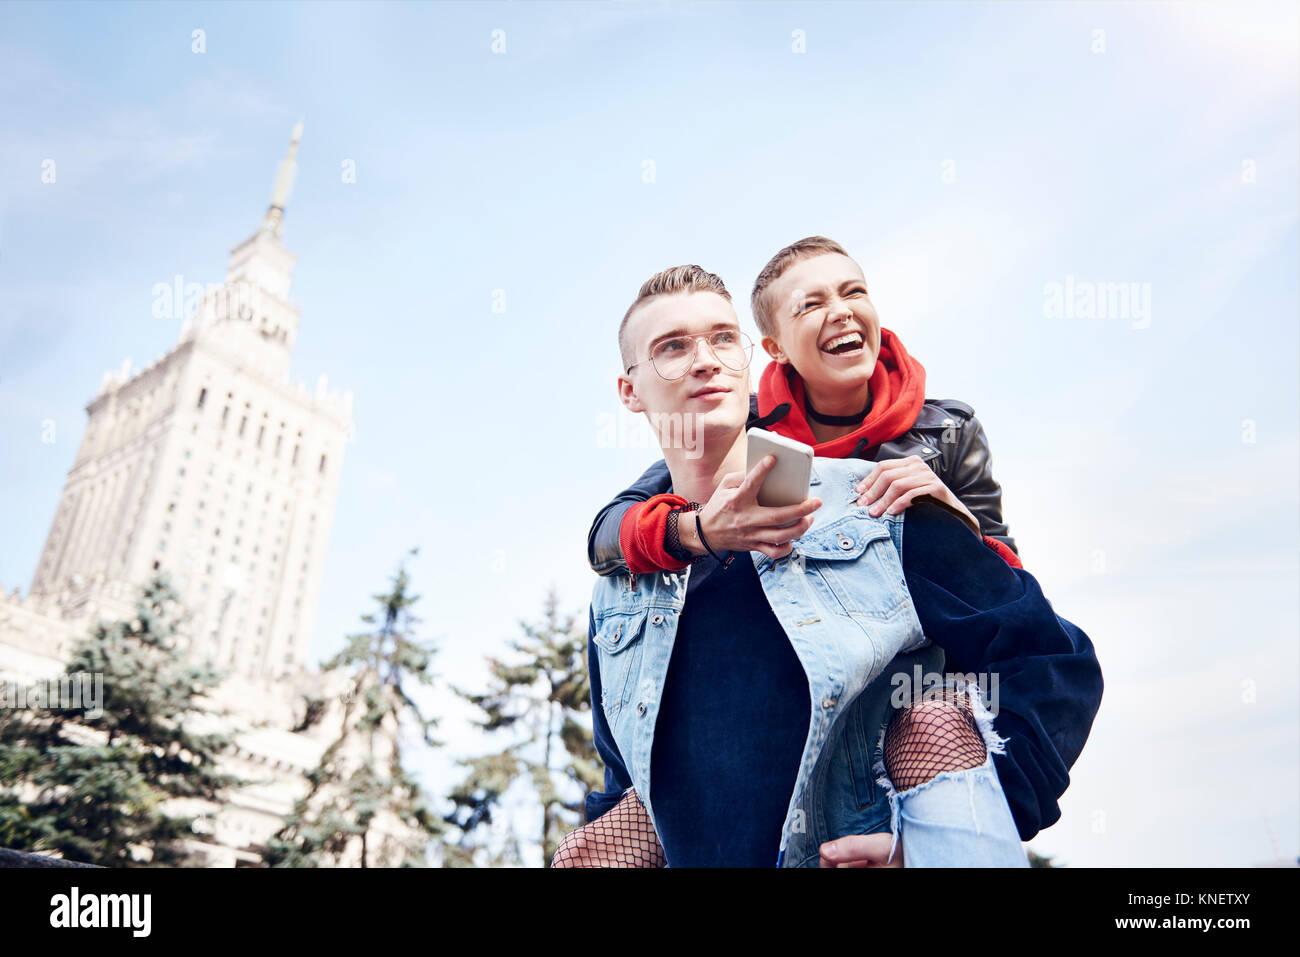 Junger Mann, der lacht Freundin eine piggy zurück in der Stadt Stockbild